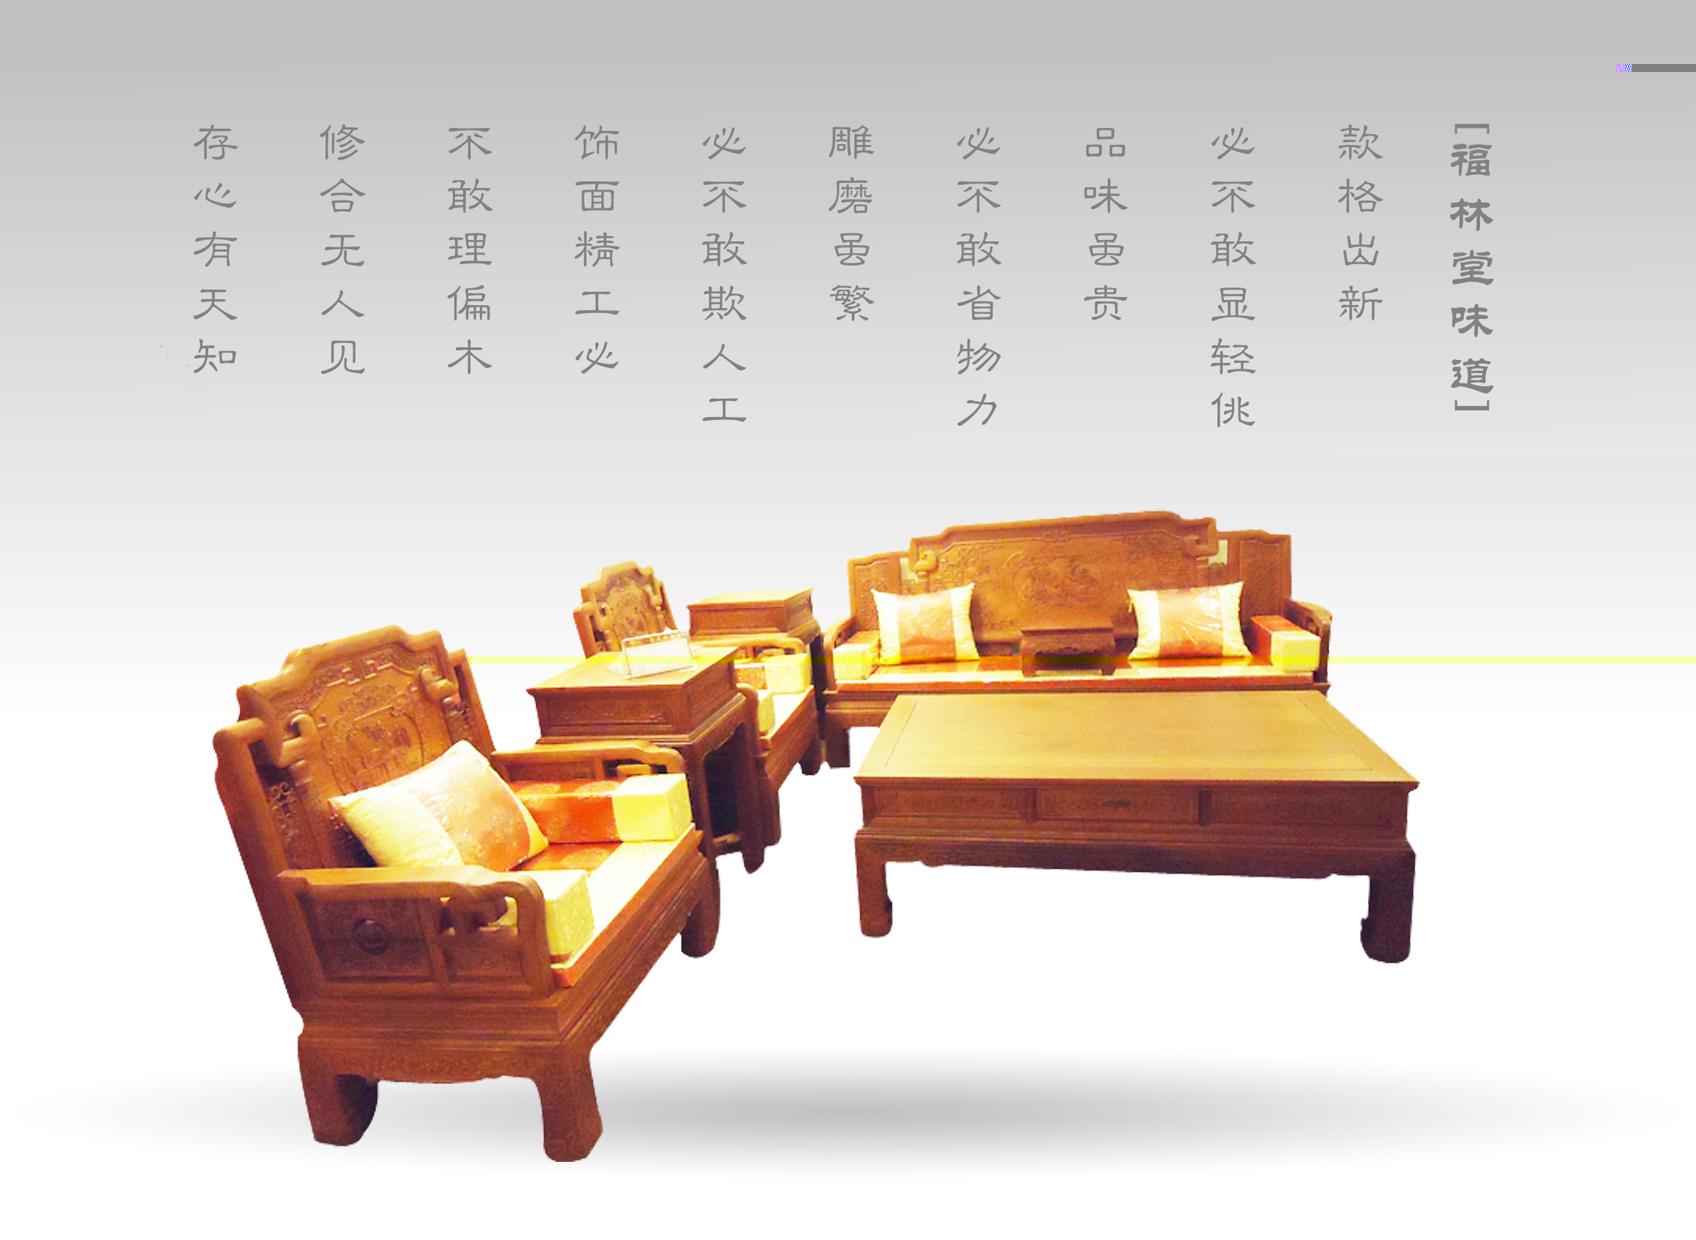 红木沙发_红木家具价格及图片-东阳市福林堂红木家具厂